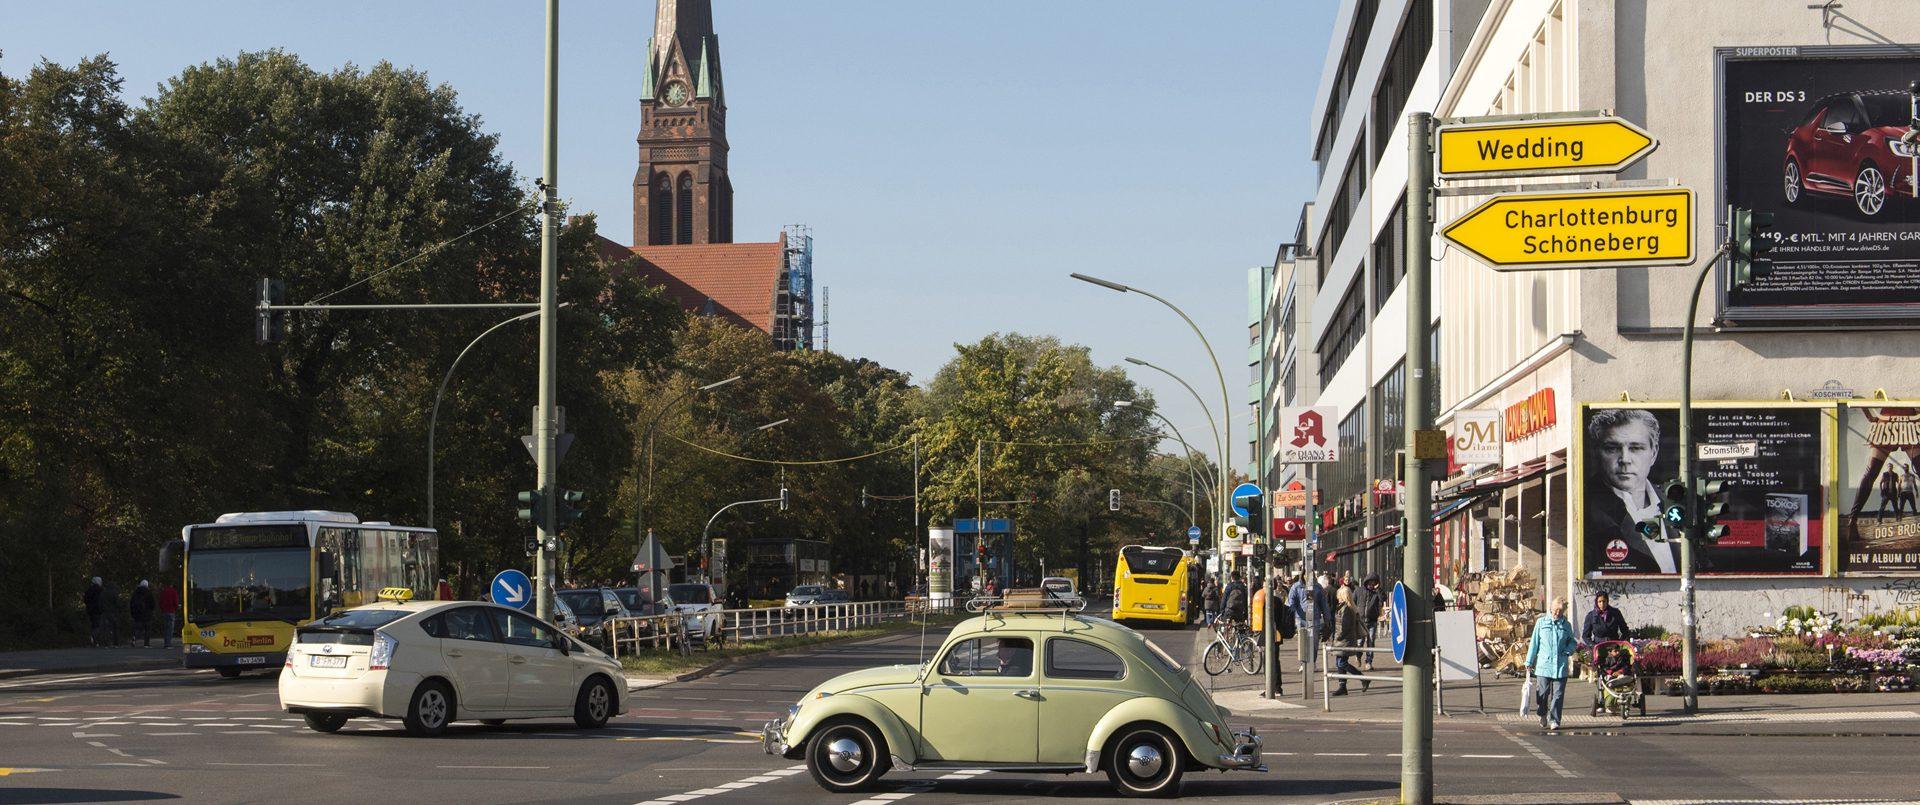 Berlin, Turmstraße / Stromstrasse. Foto: Erik-Jan Ouwerkerk